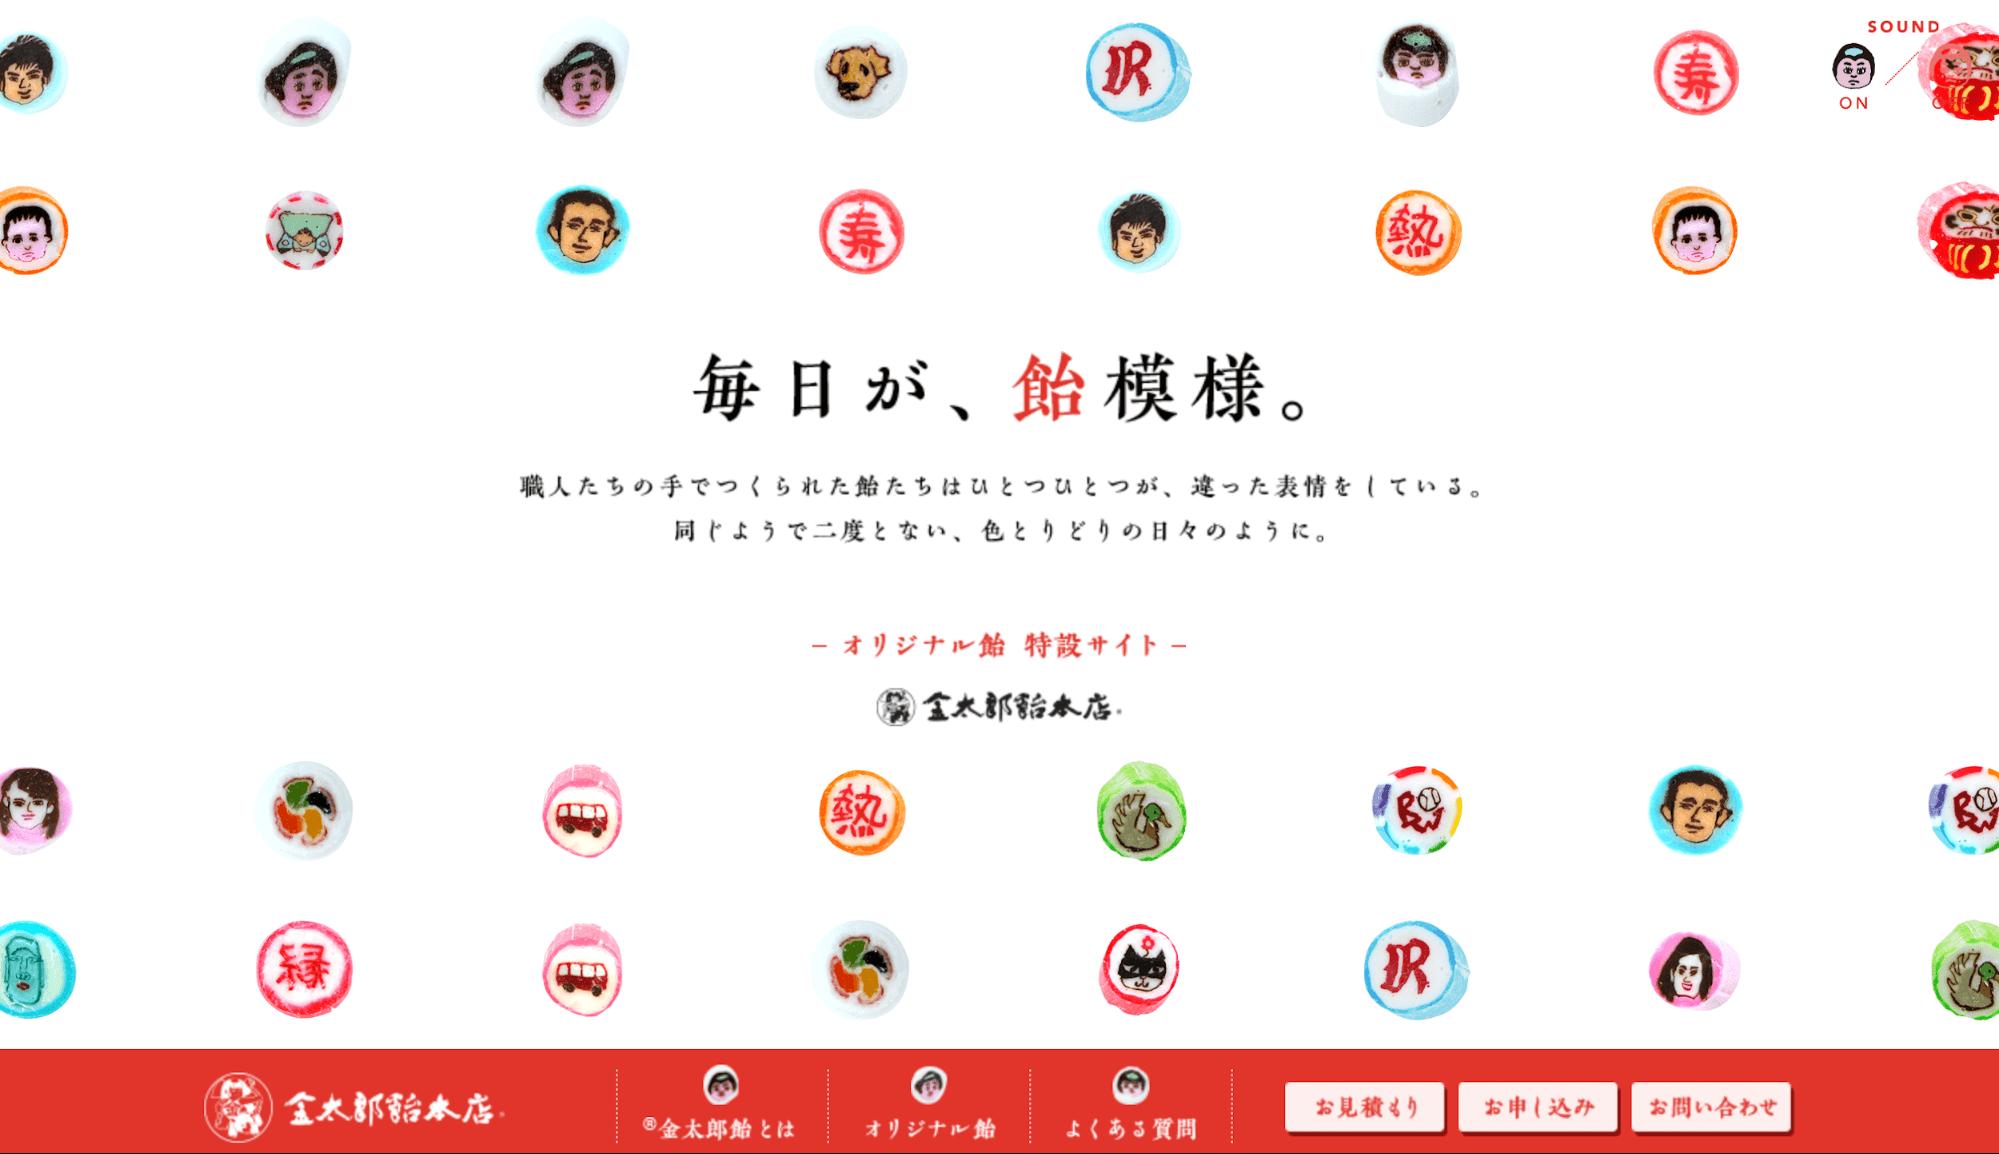 株式会社金太郎飴本店